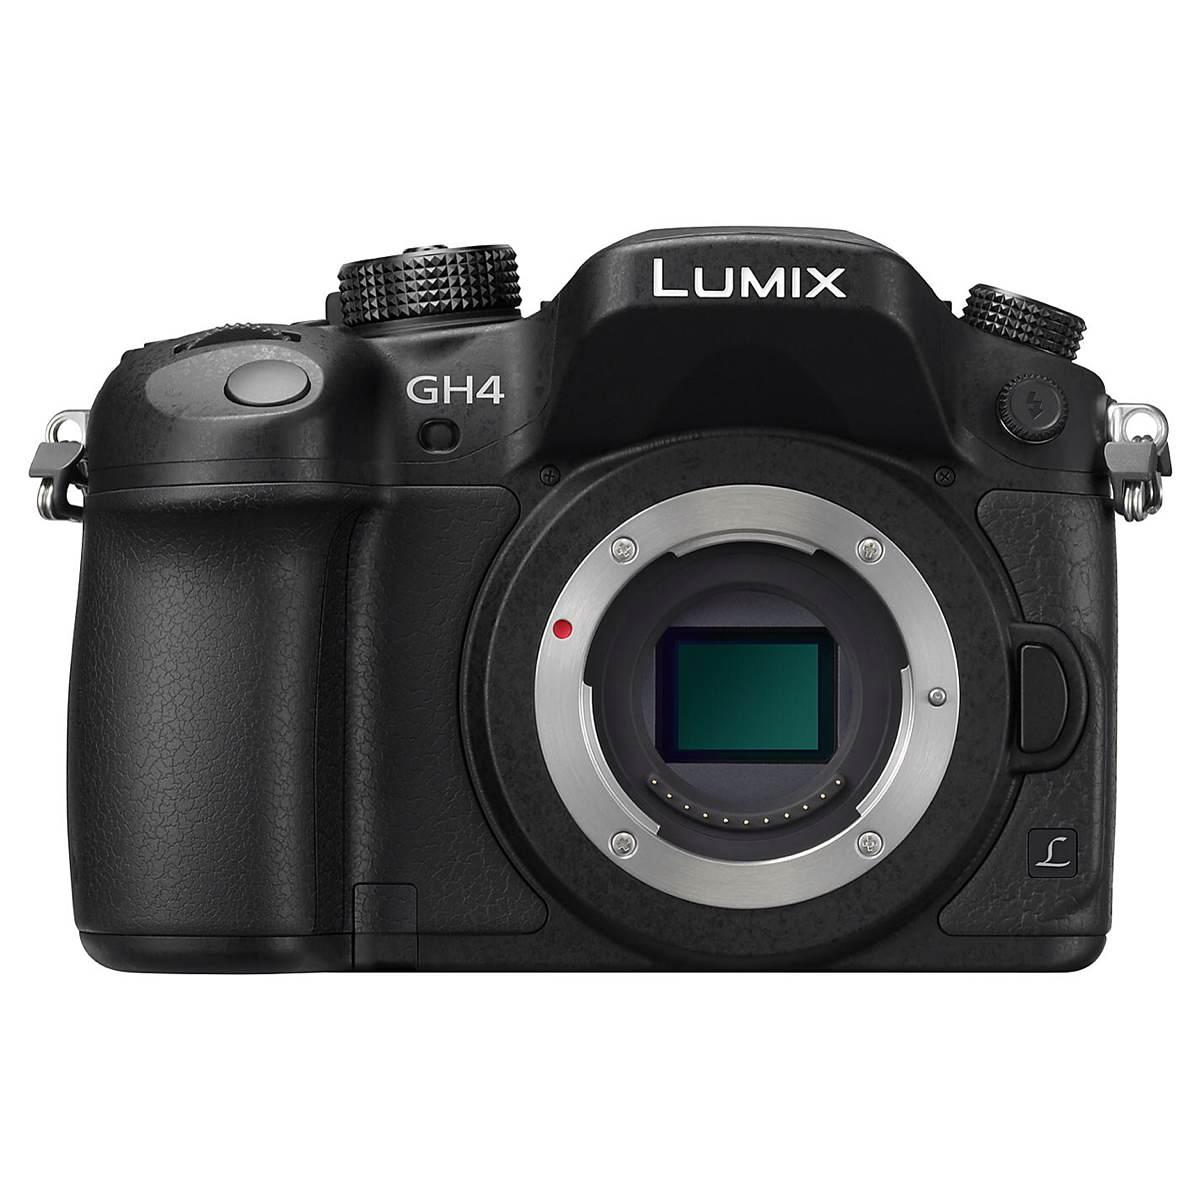 Panasonic LUMIX GH4 Digital Camera